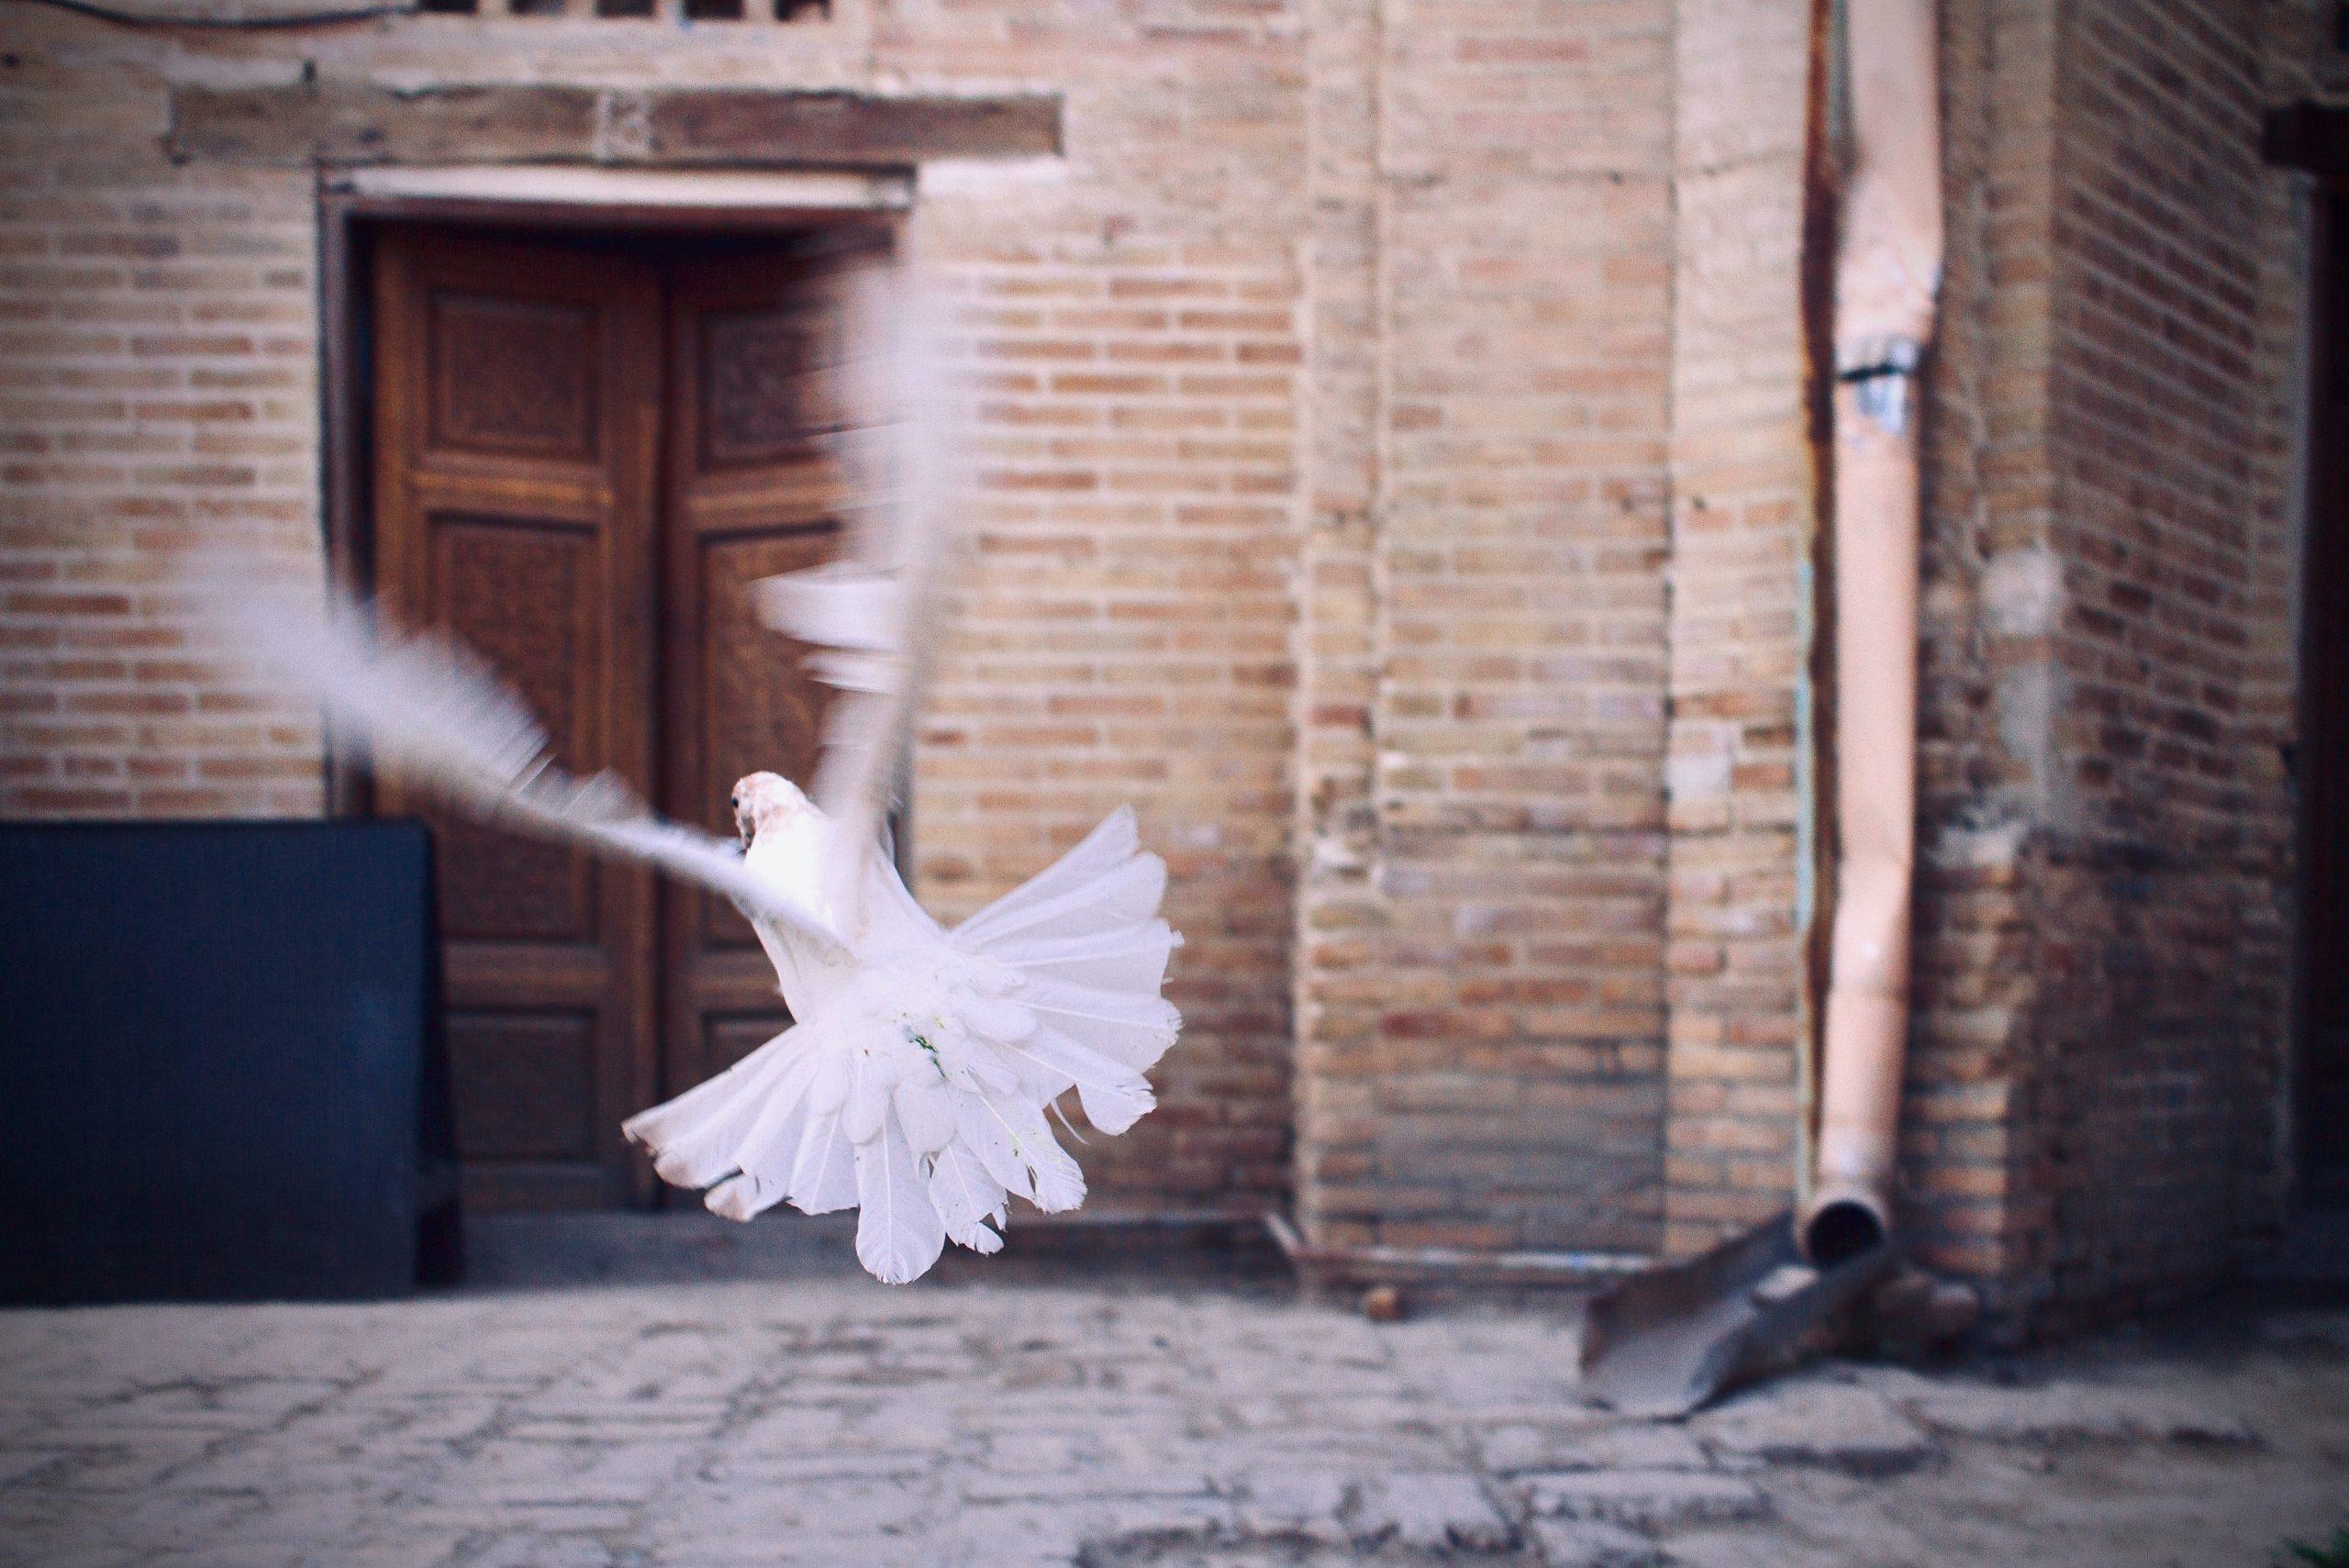 Dove flying away. Photo by Jarek Šedý on Unsplash